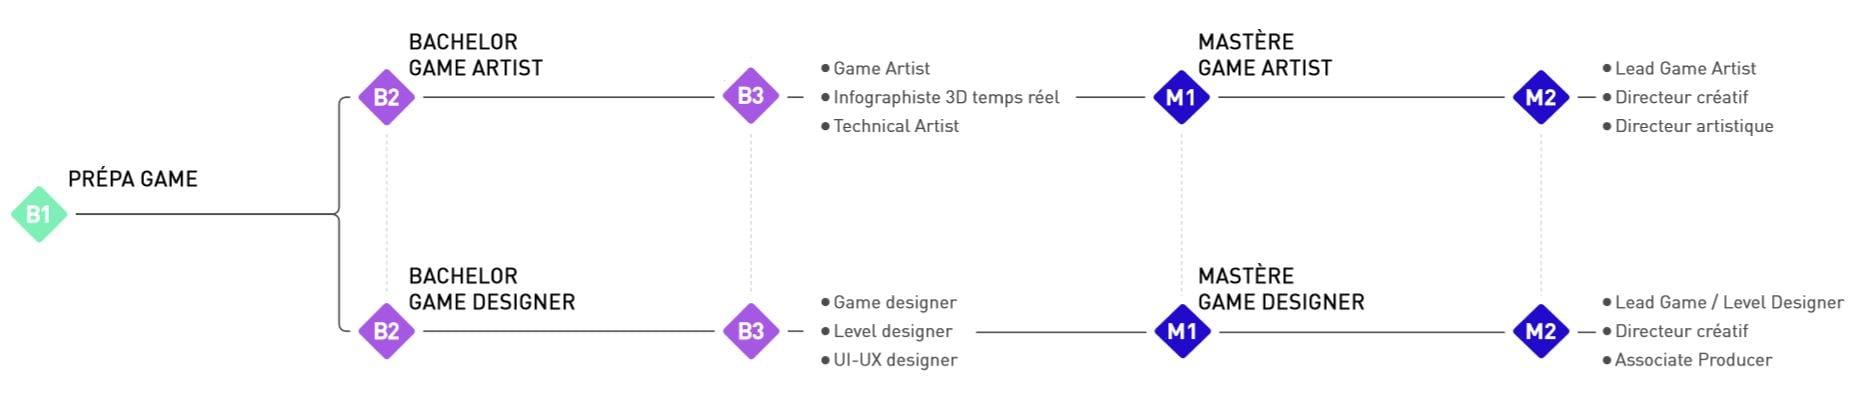 Résumé des différents choix d'orientation professionnelle dans le domaine du jeu vidéo après la Prépa Game